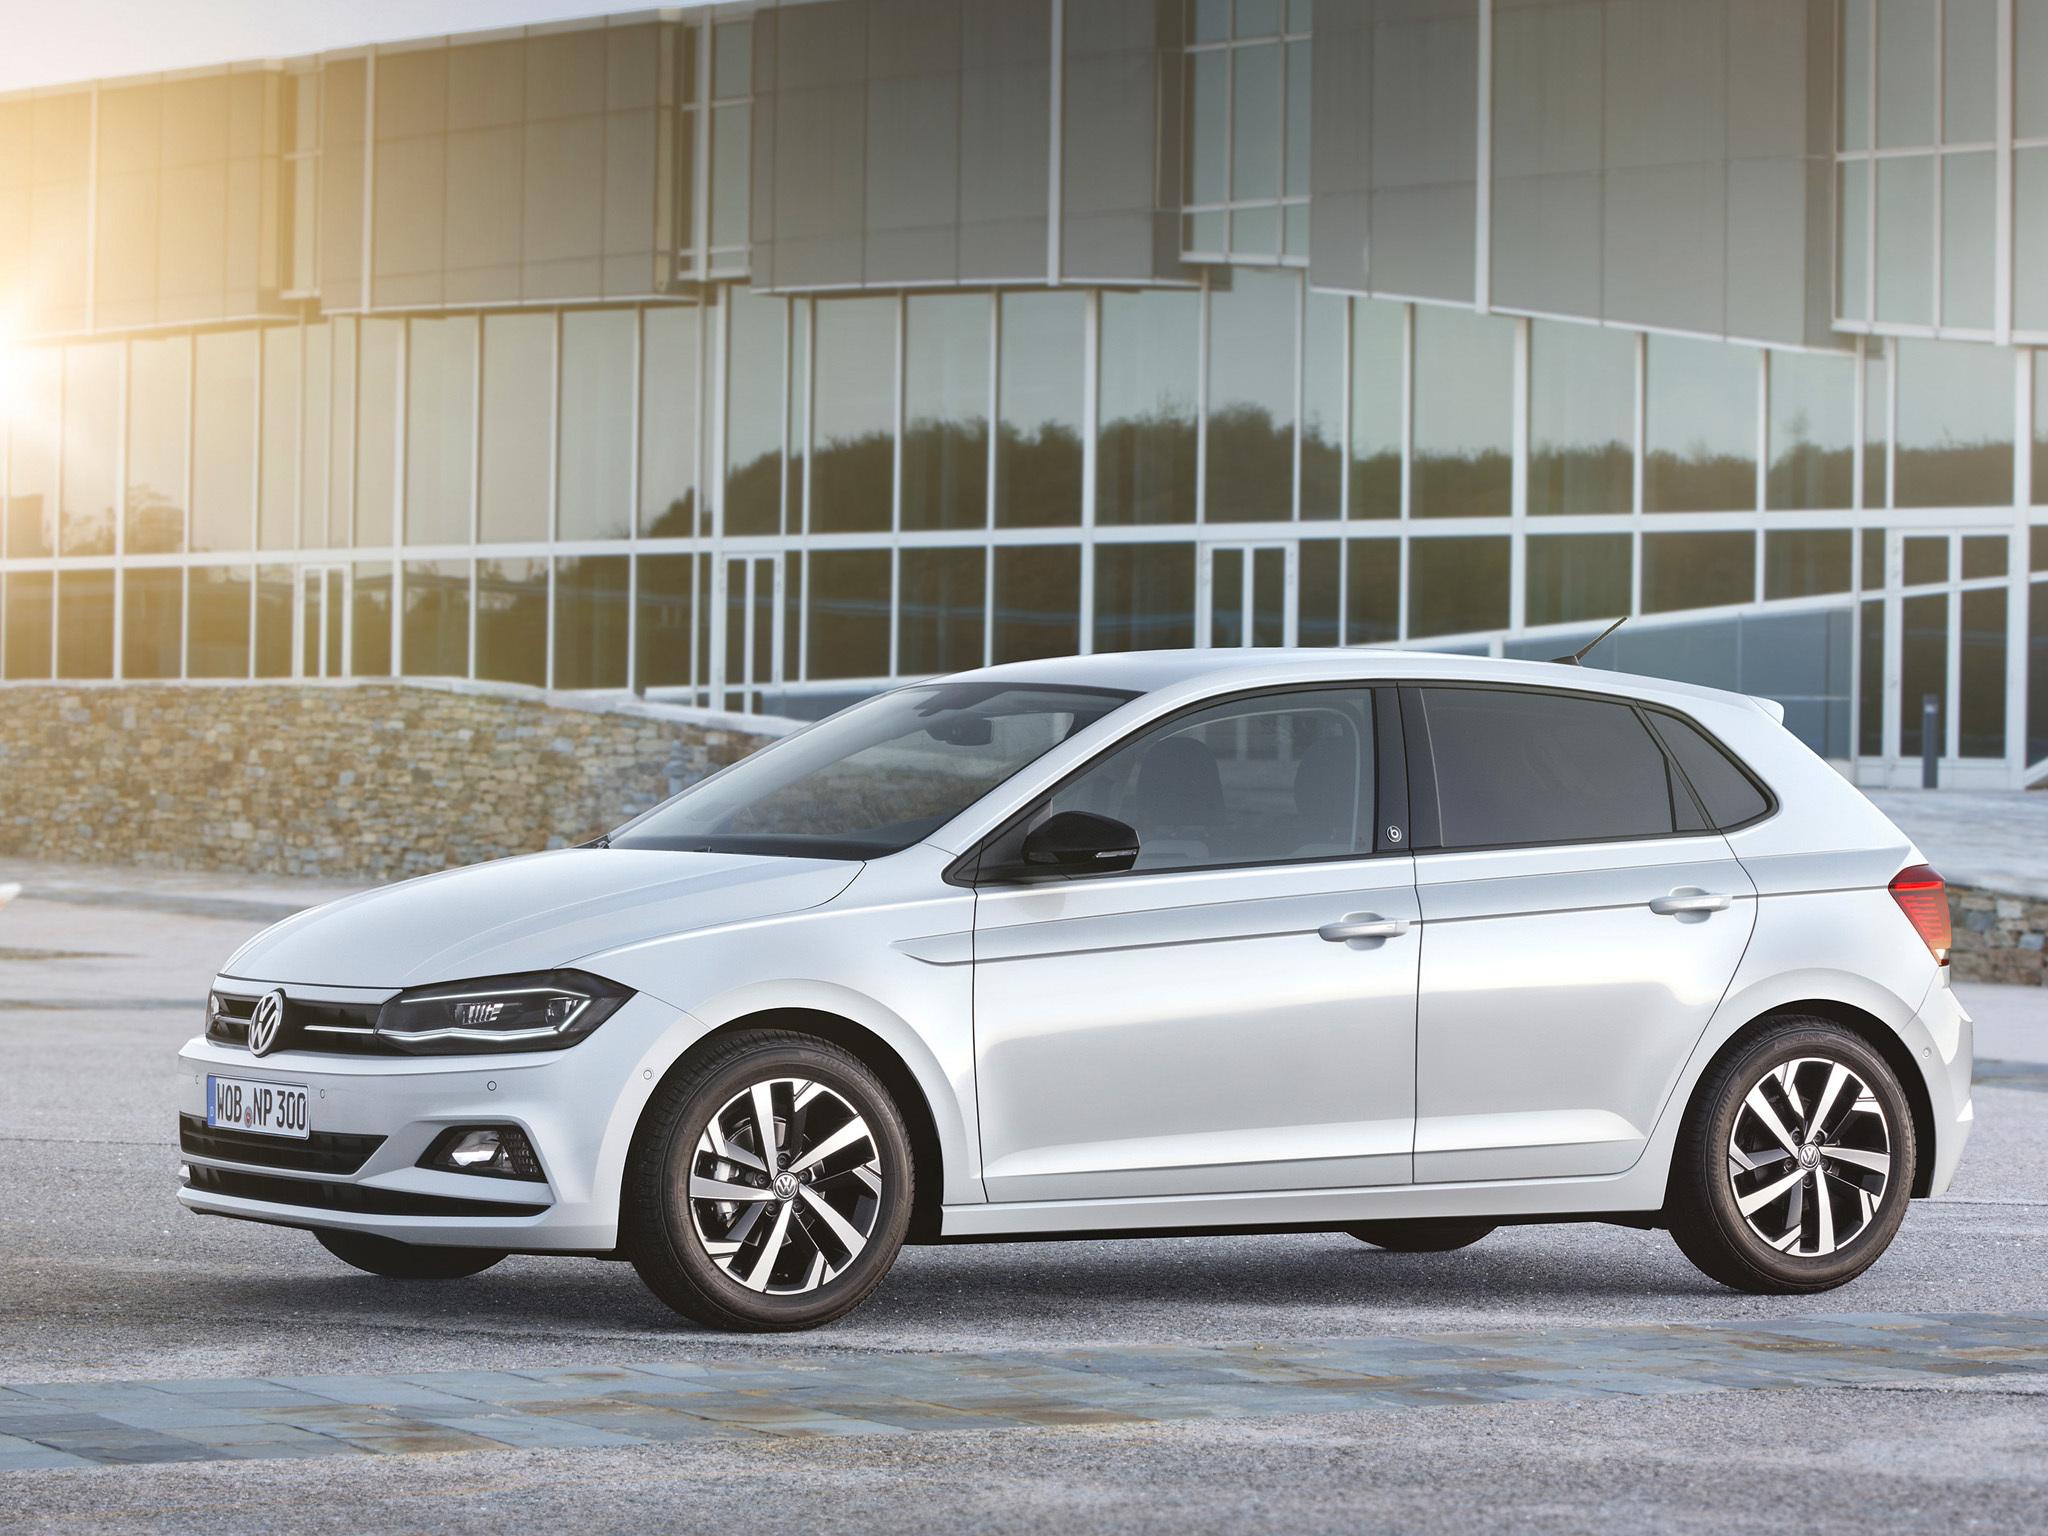 Volkswagen Polo нового поколения представлен официально 3